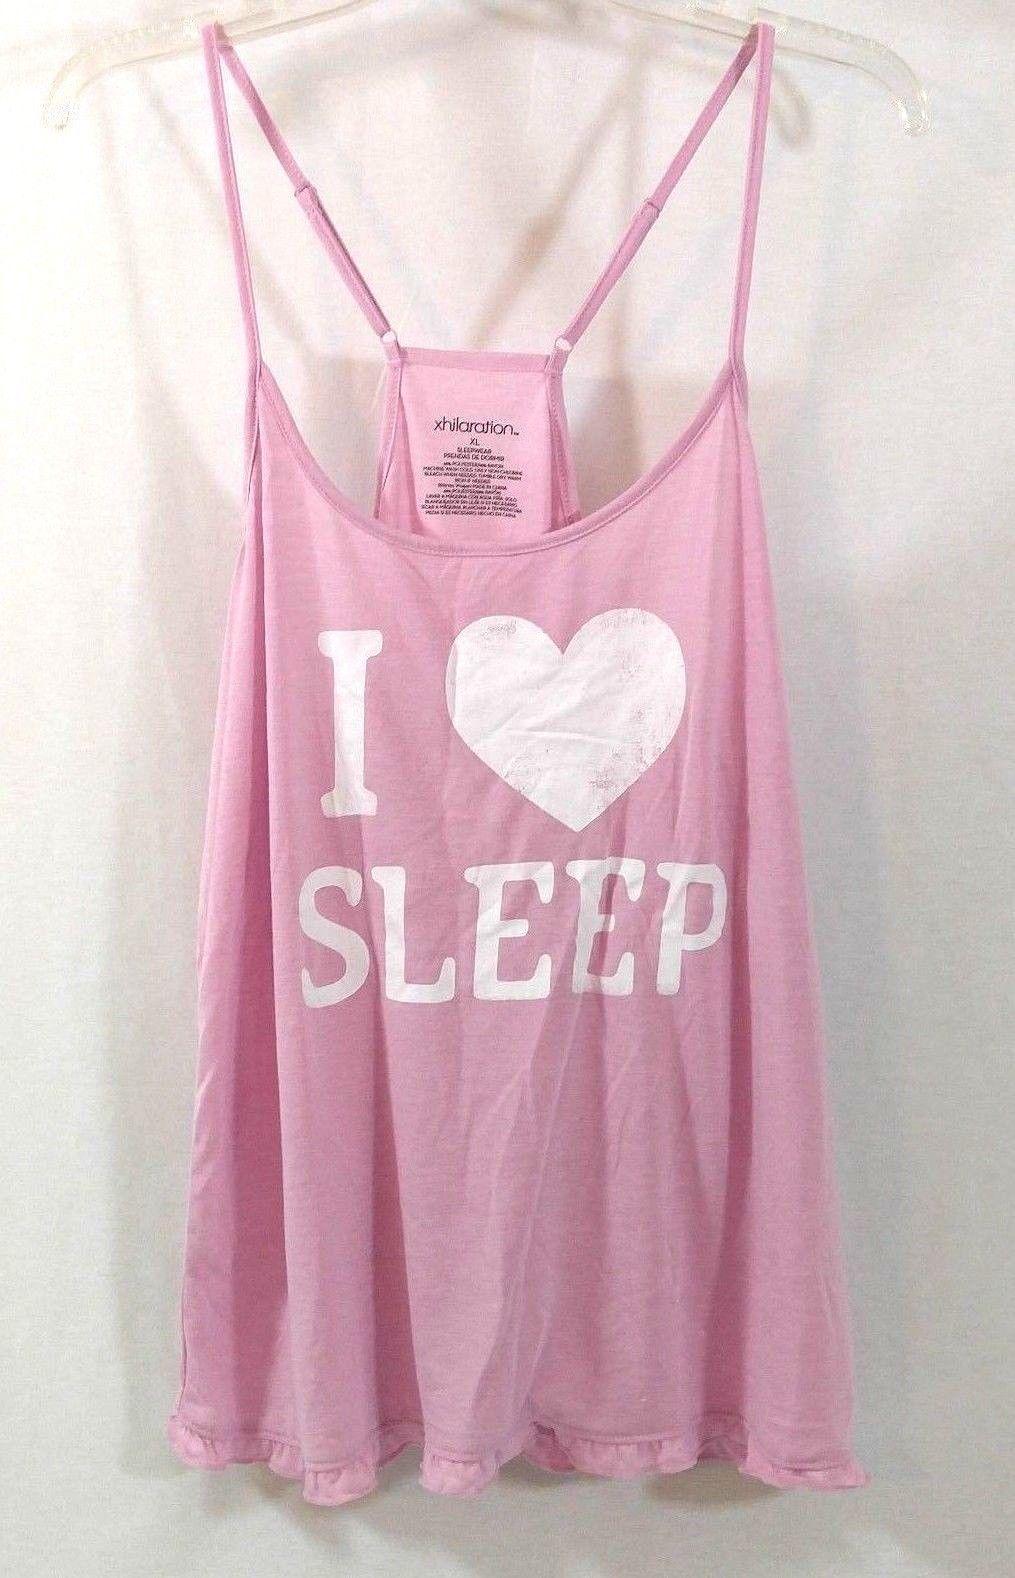 XL Xhilaration Women/'s Tie Strap Sleep Tank Top NWT!